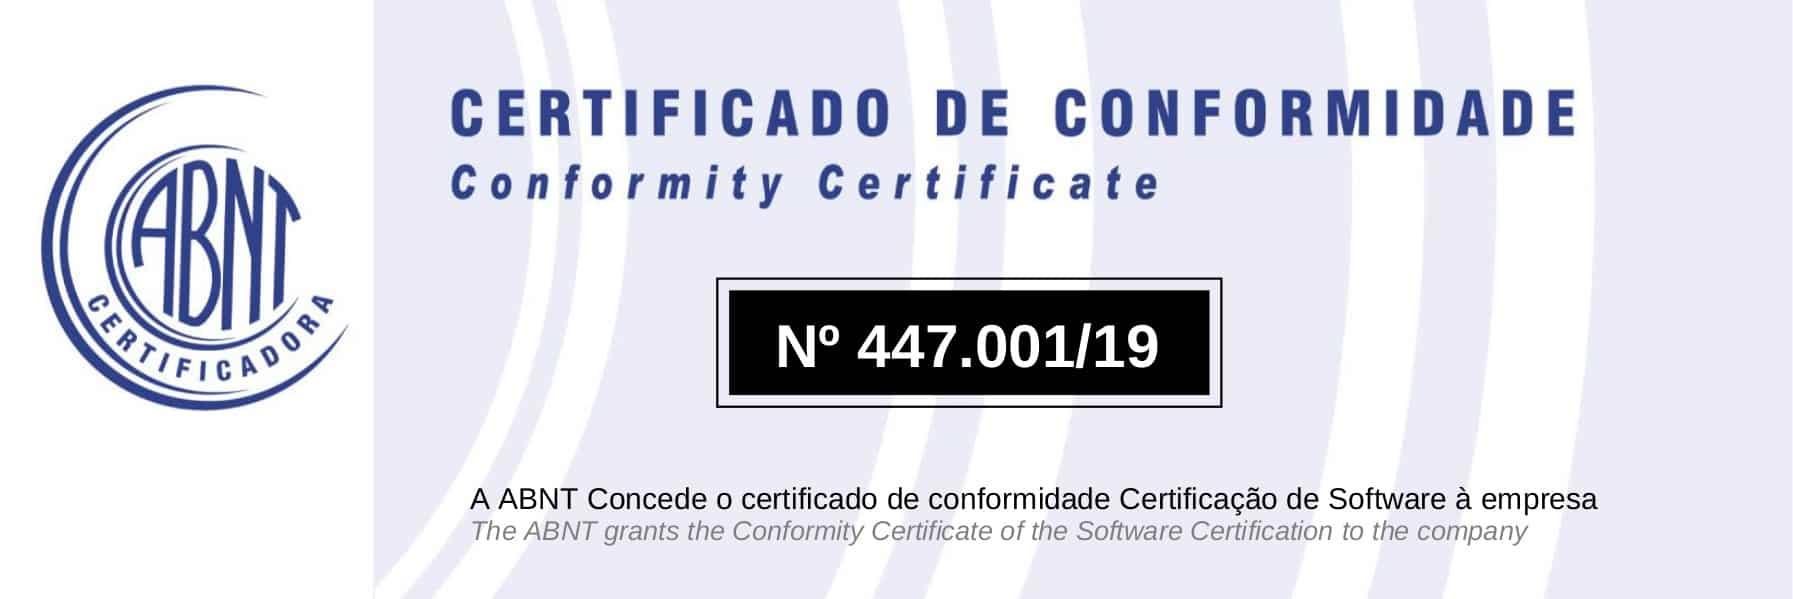 Certificado de Conformidade ABNT